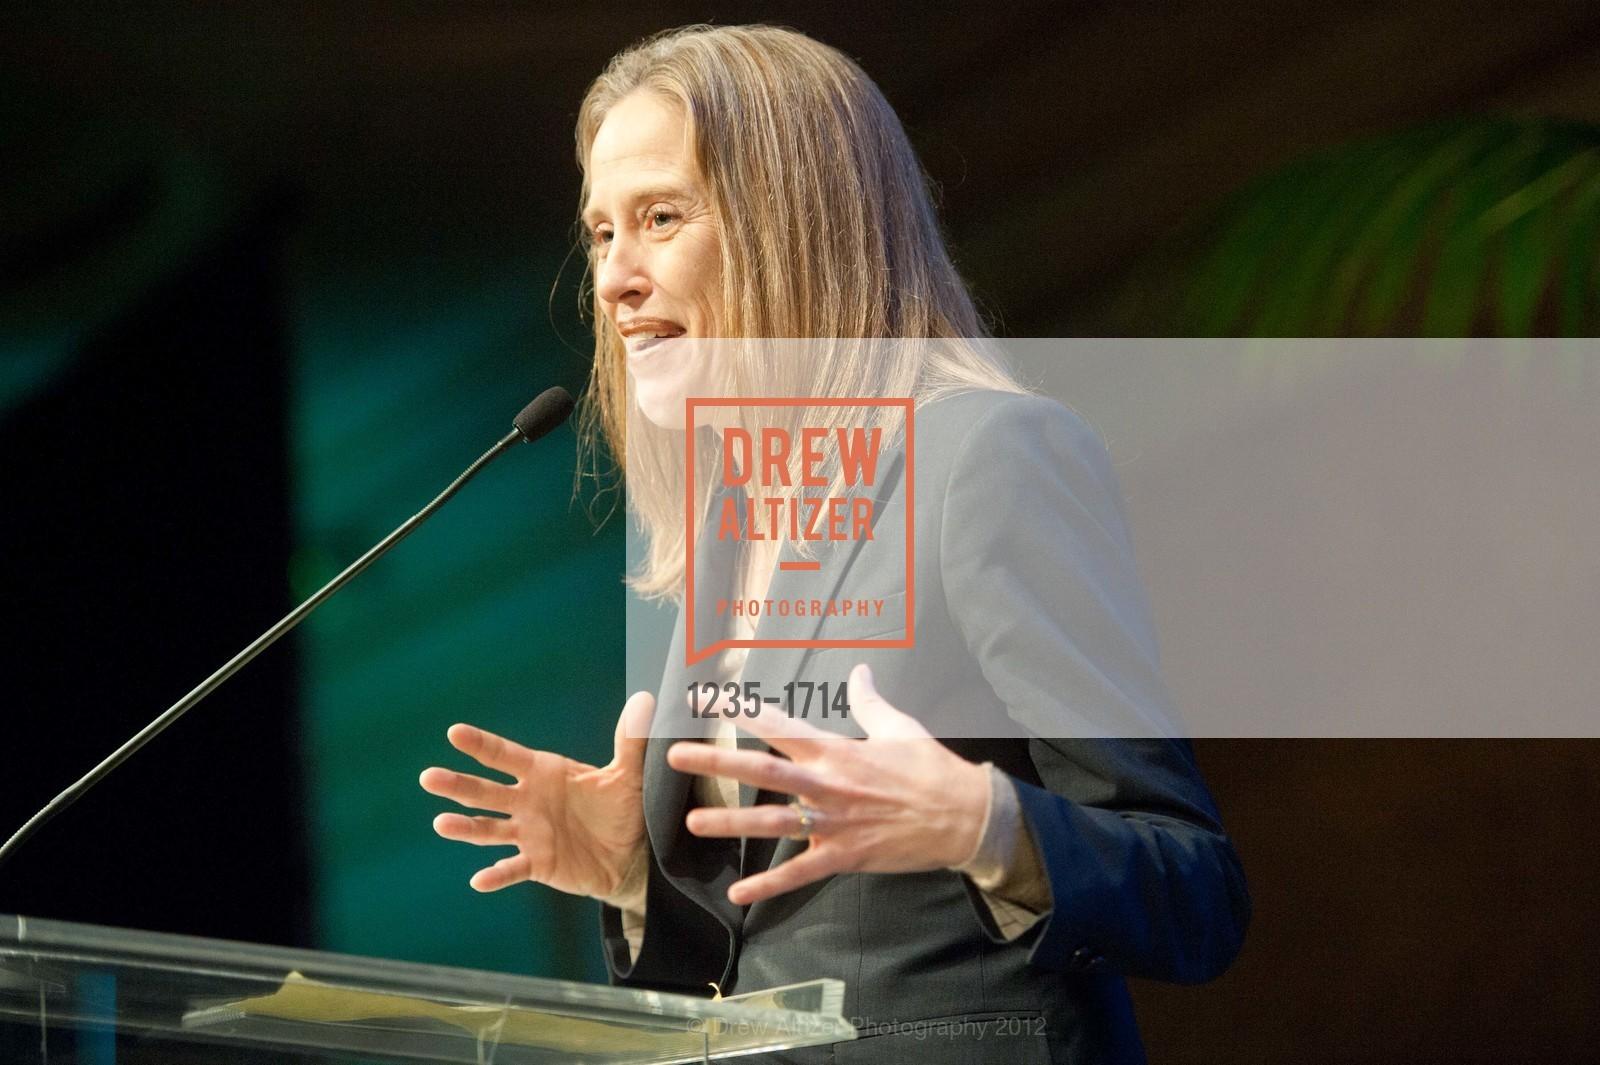 Wendy Kopp, Photo #1235-1714